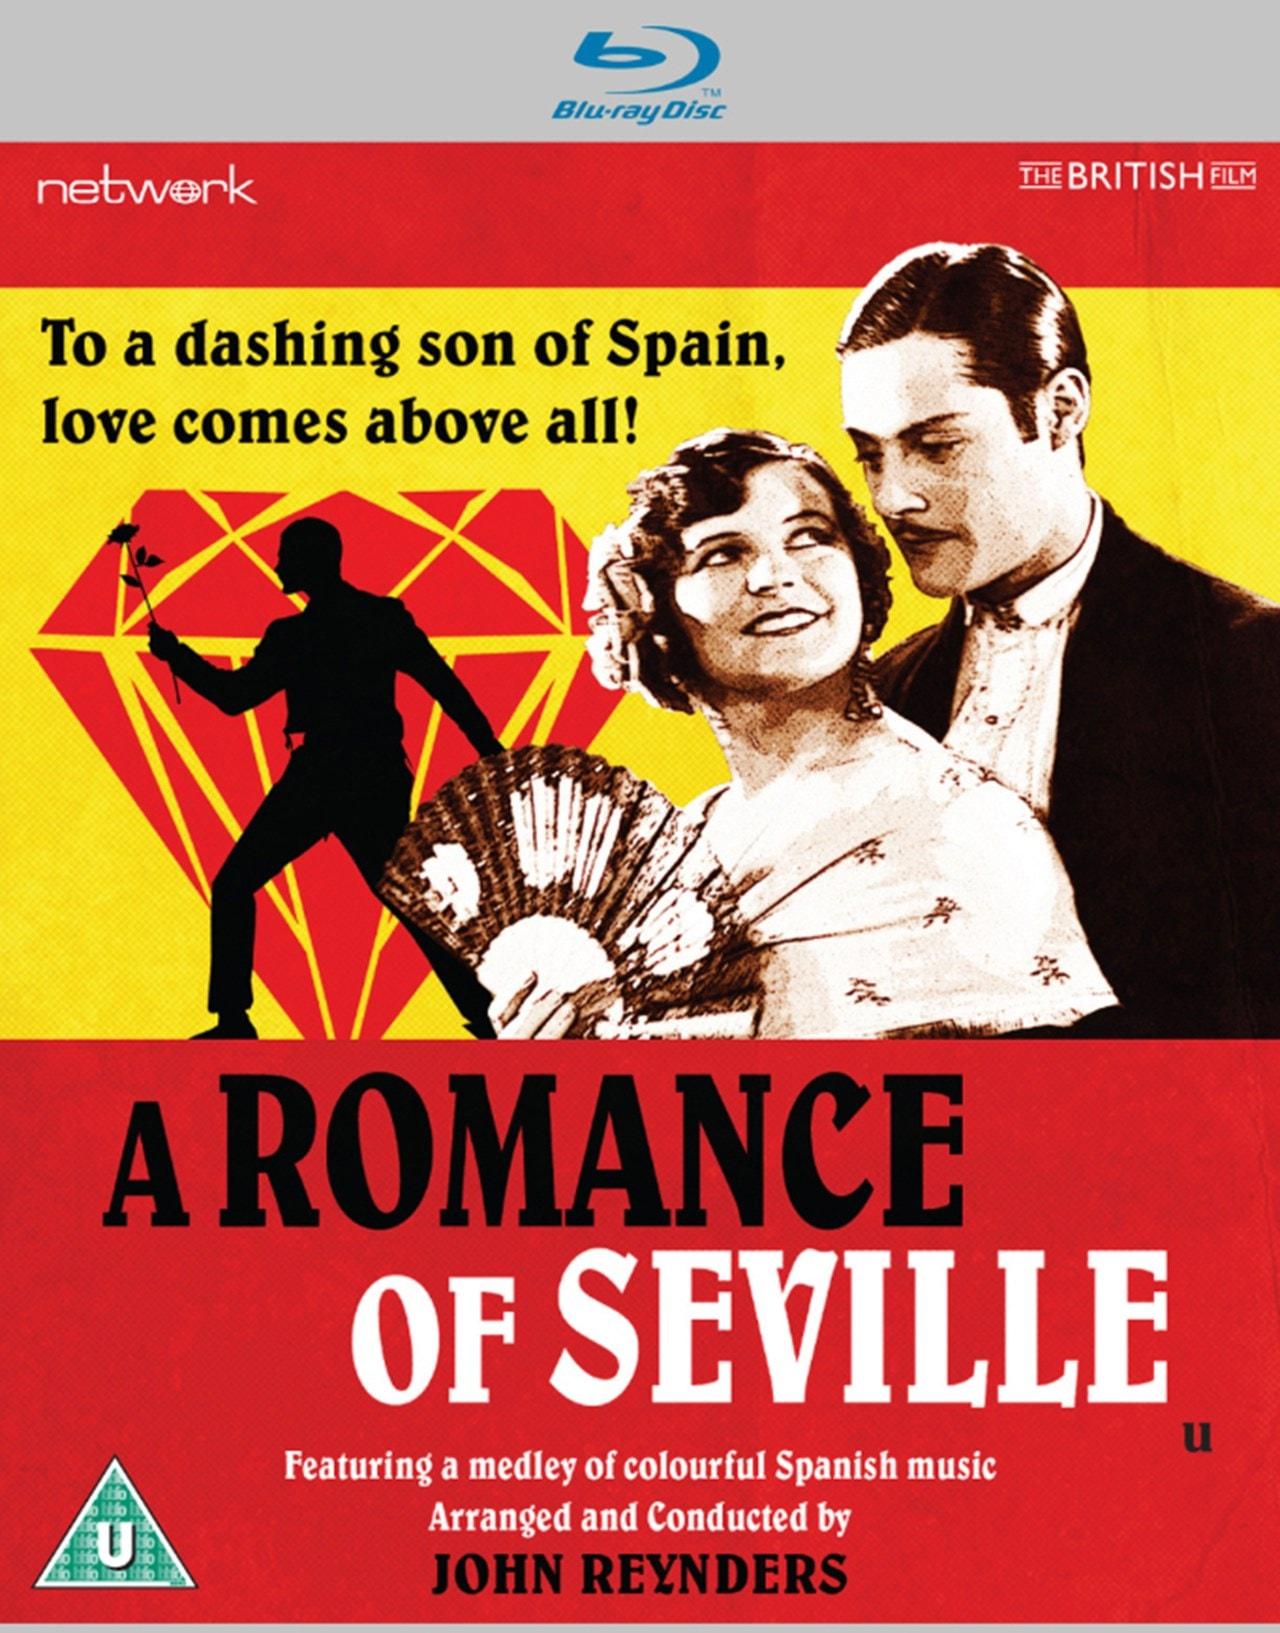 A Romance of Seville - 1